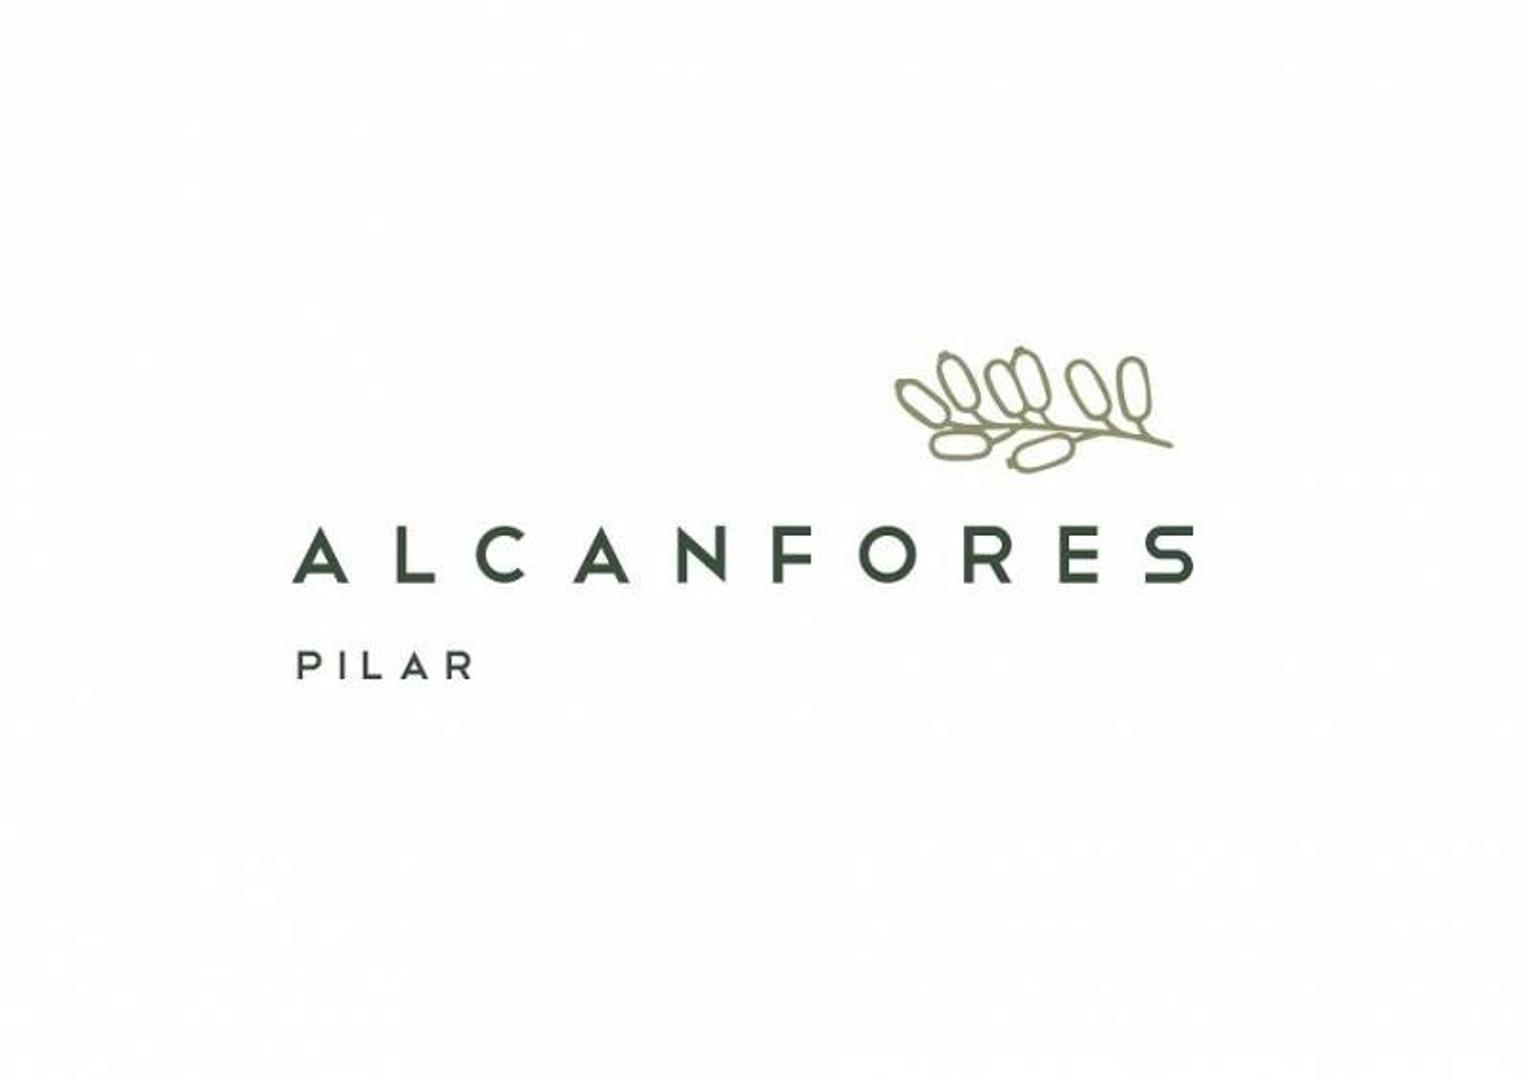 VENTA DE MAGNÍFICO LOTE EN BARRIO LOS ALCANFORES - PILAR